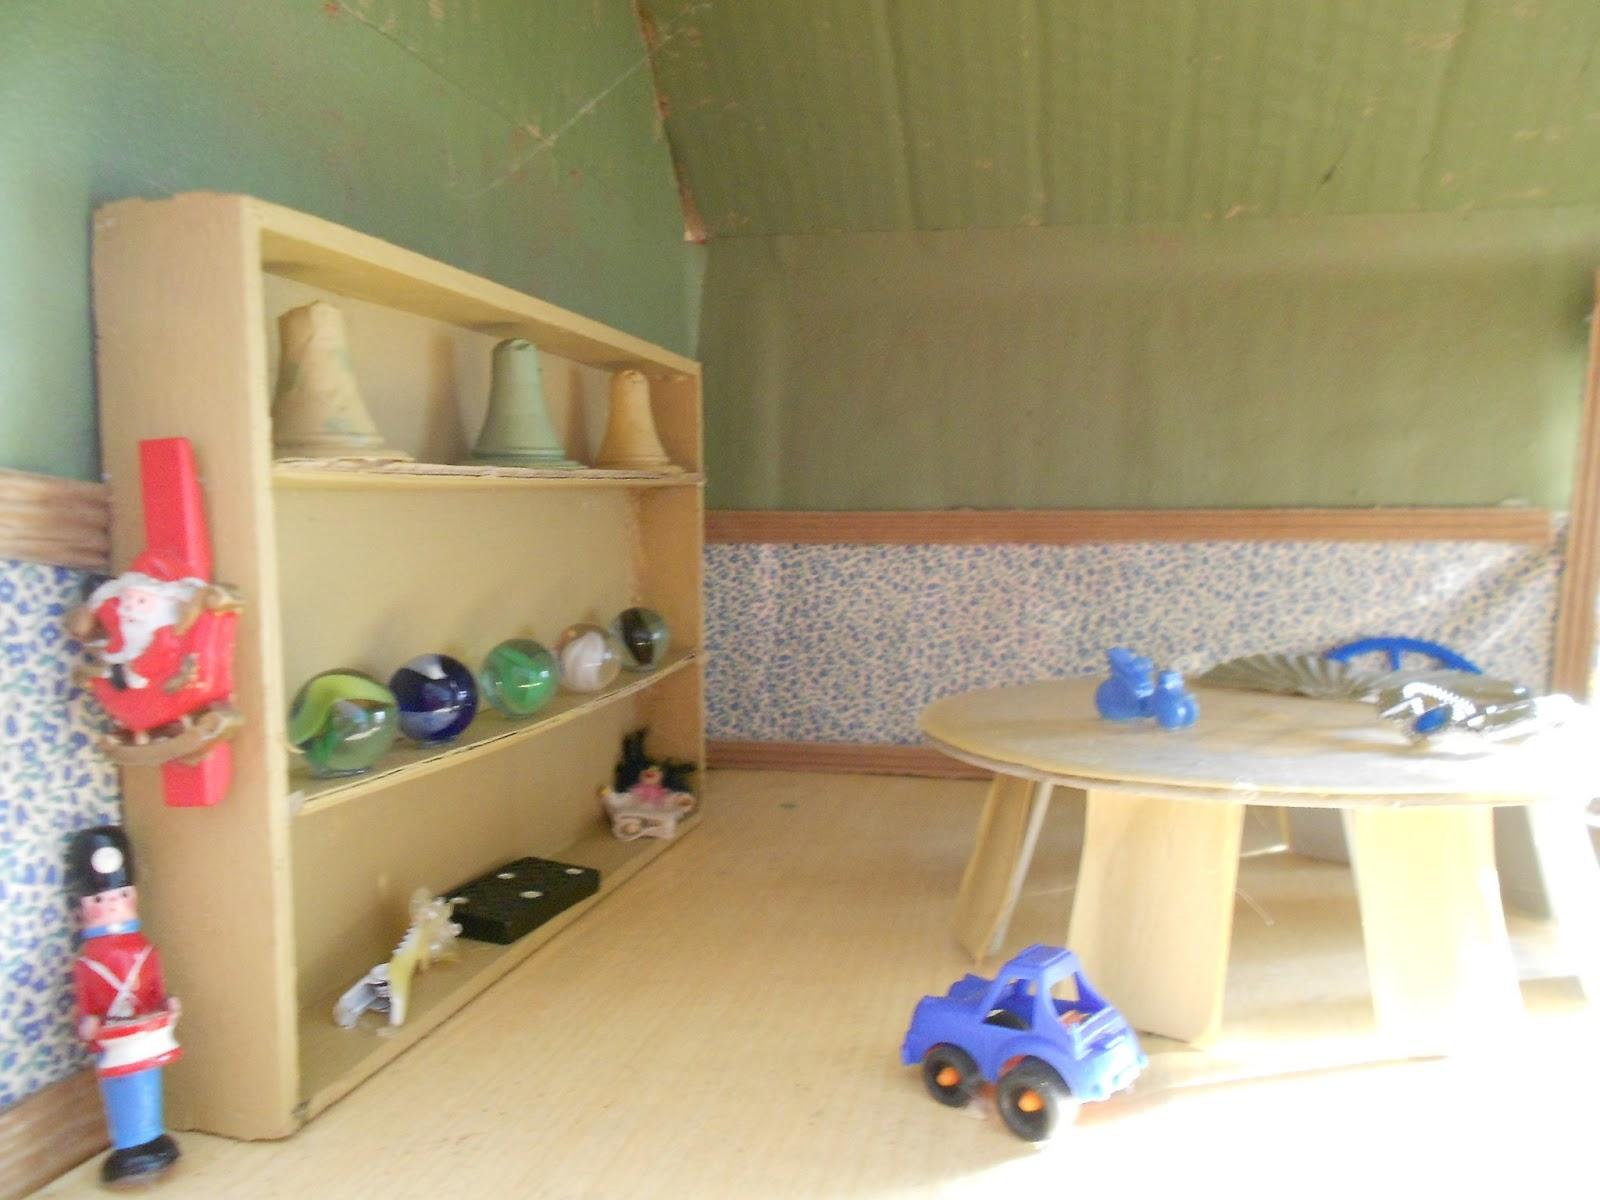 Bidt af billedkunst!: møbler og anden indretning til miniby